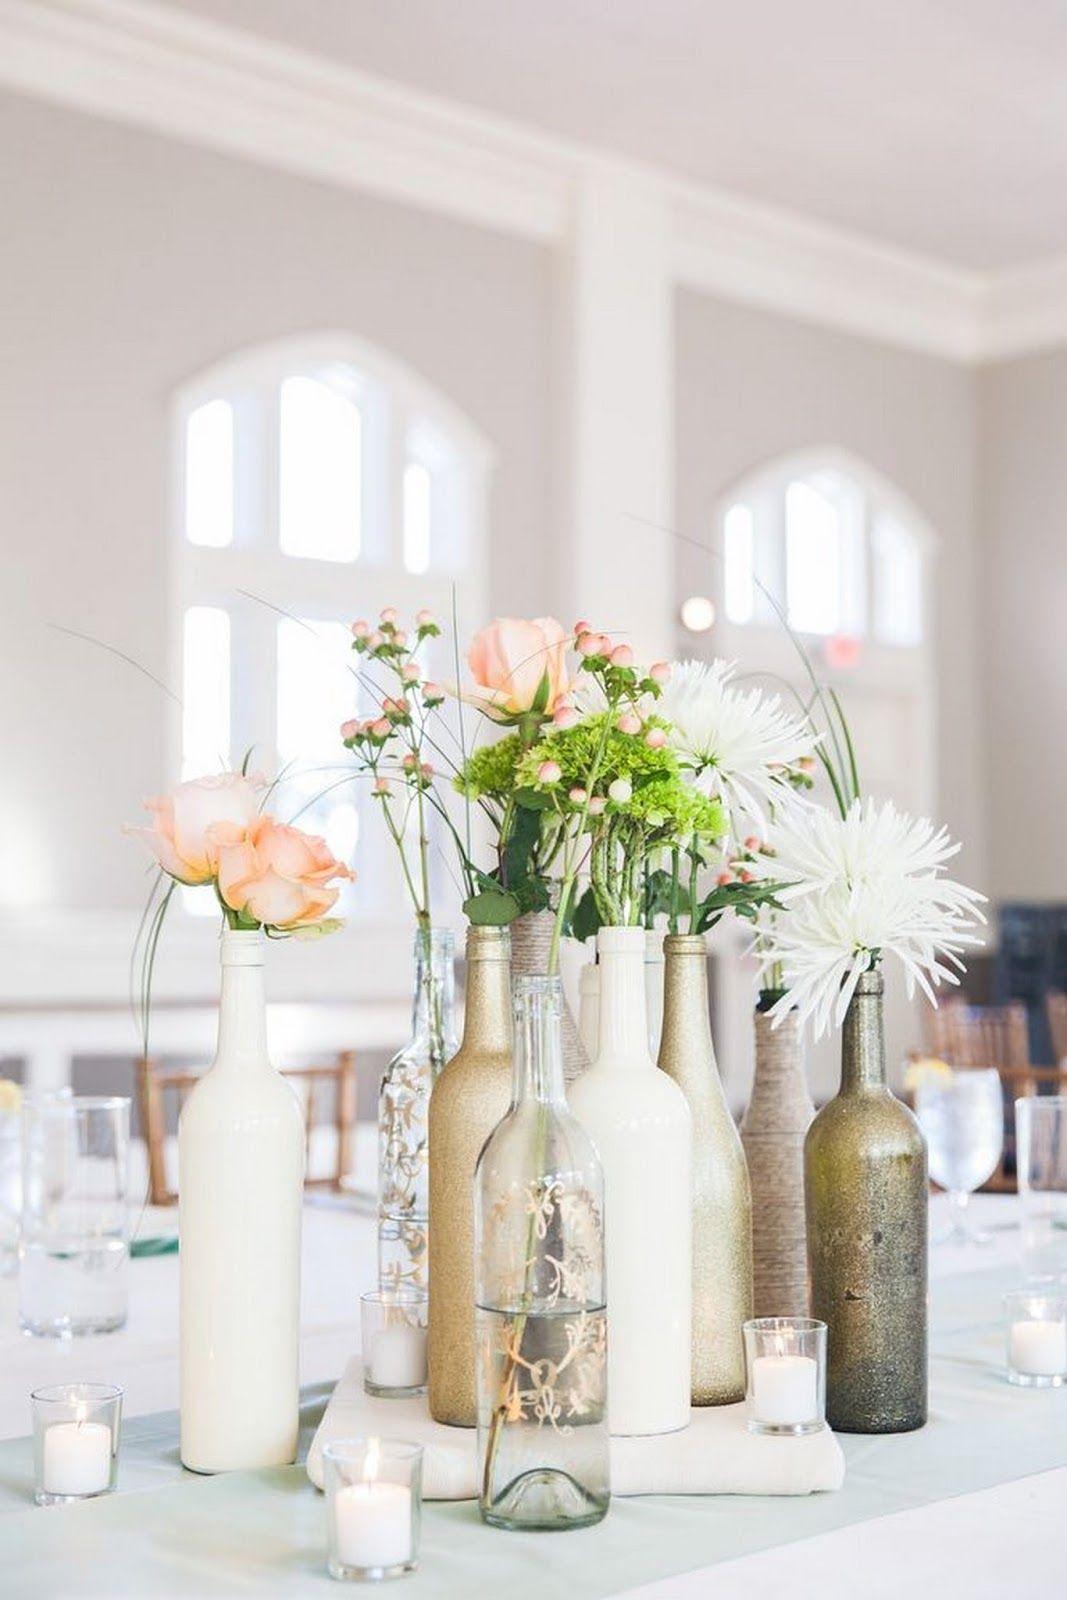 Centros de mesa con botellas para boda - Centros de Mesa | Party ...